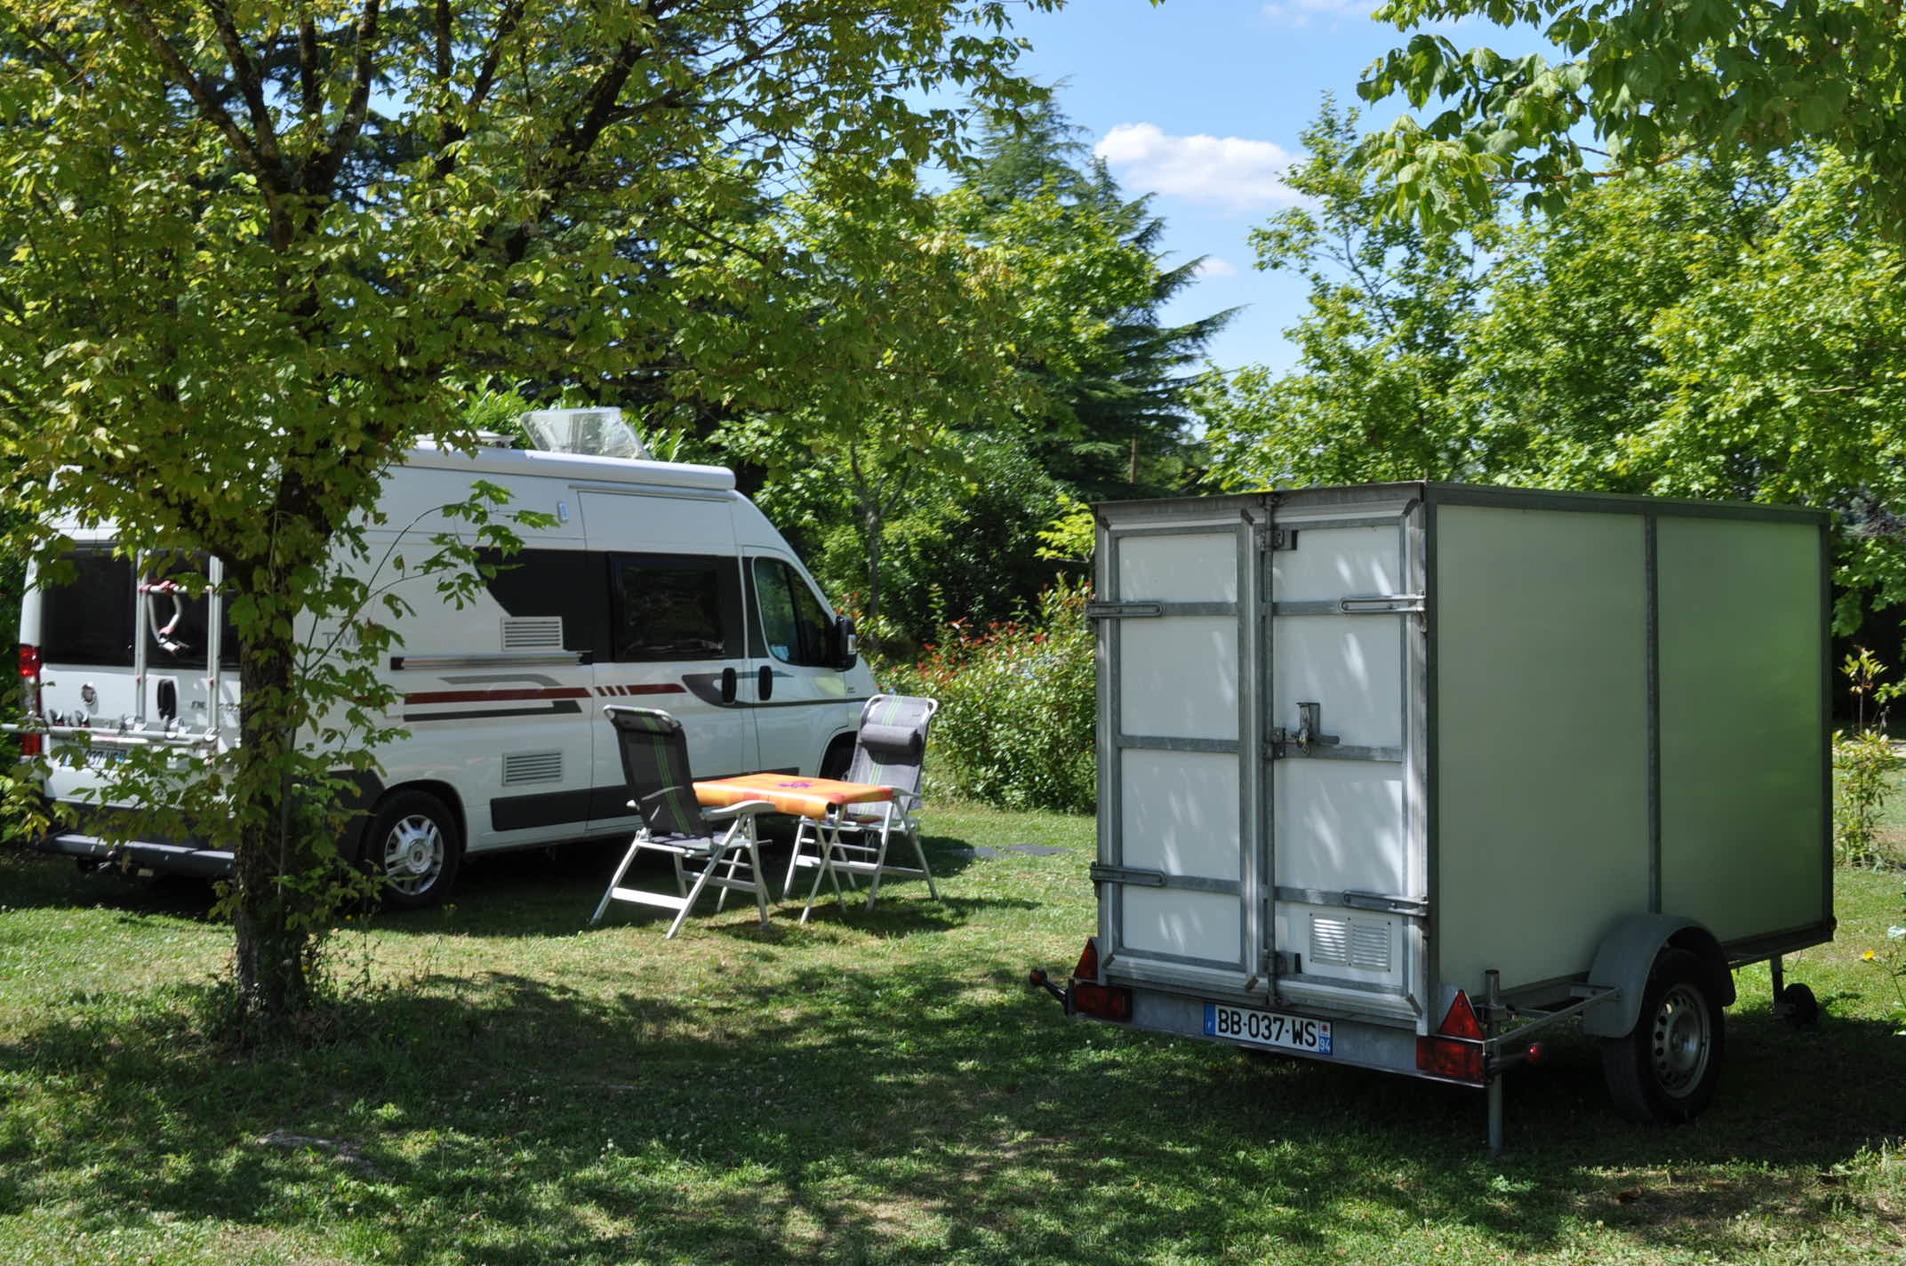 Camping Puynadal Brantôme